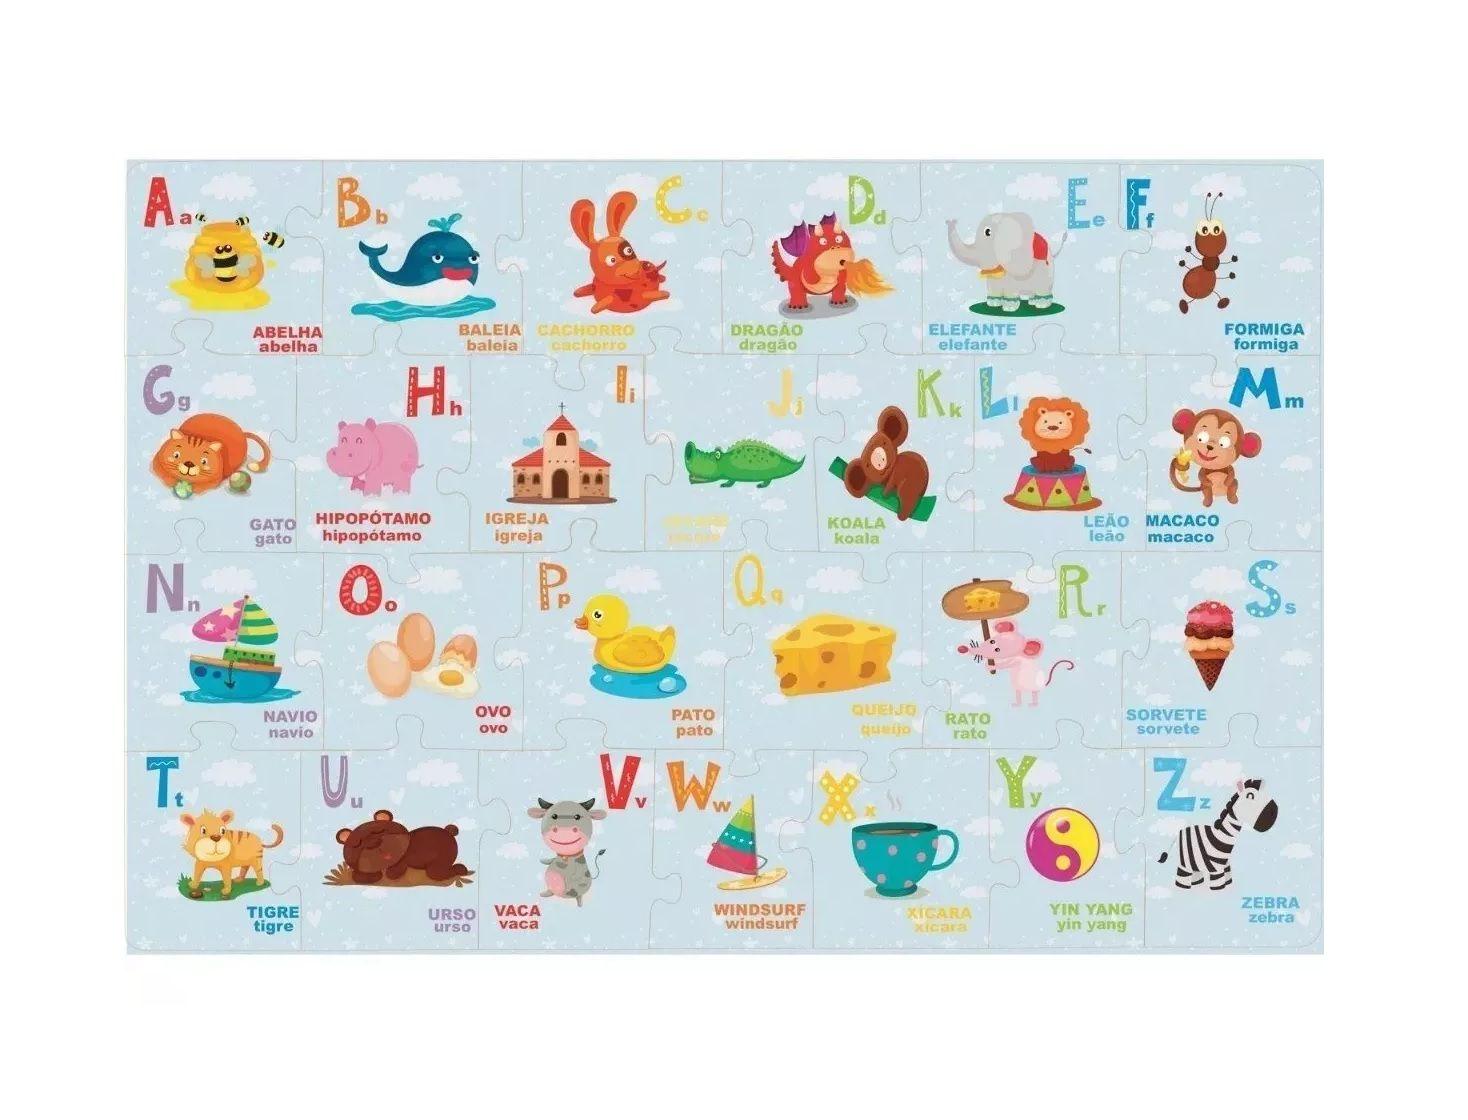 Quebra-cabeça Montando o Alfabeto 26 Peças em Madeira - Brincadeira de Criança